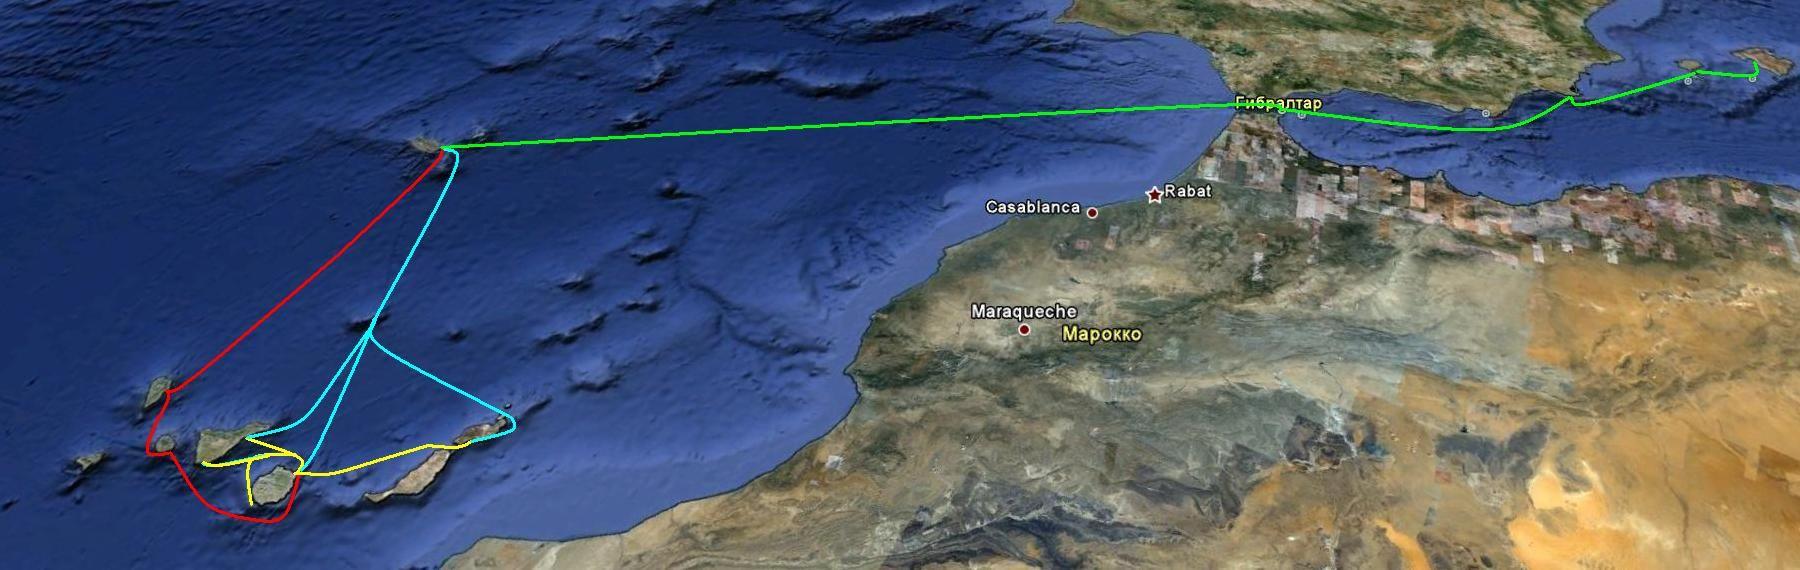 «Атлантическая маевка 2011» с 23 апреля по 14 мая 2011г. в море на все майские праздники